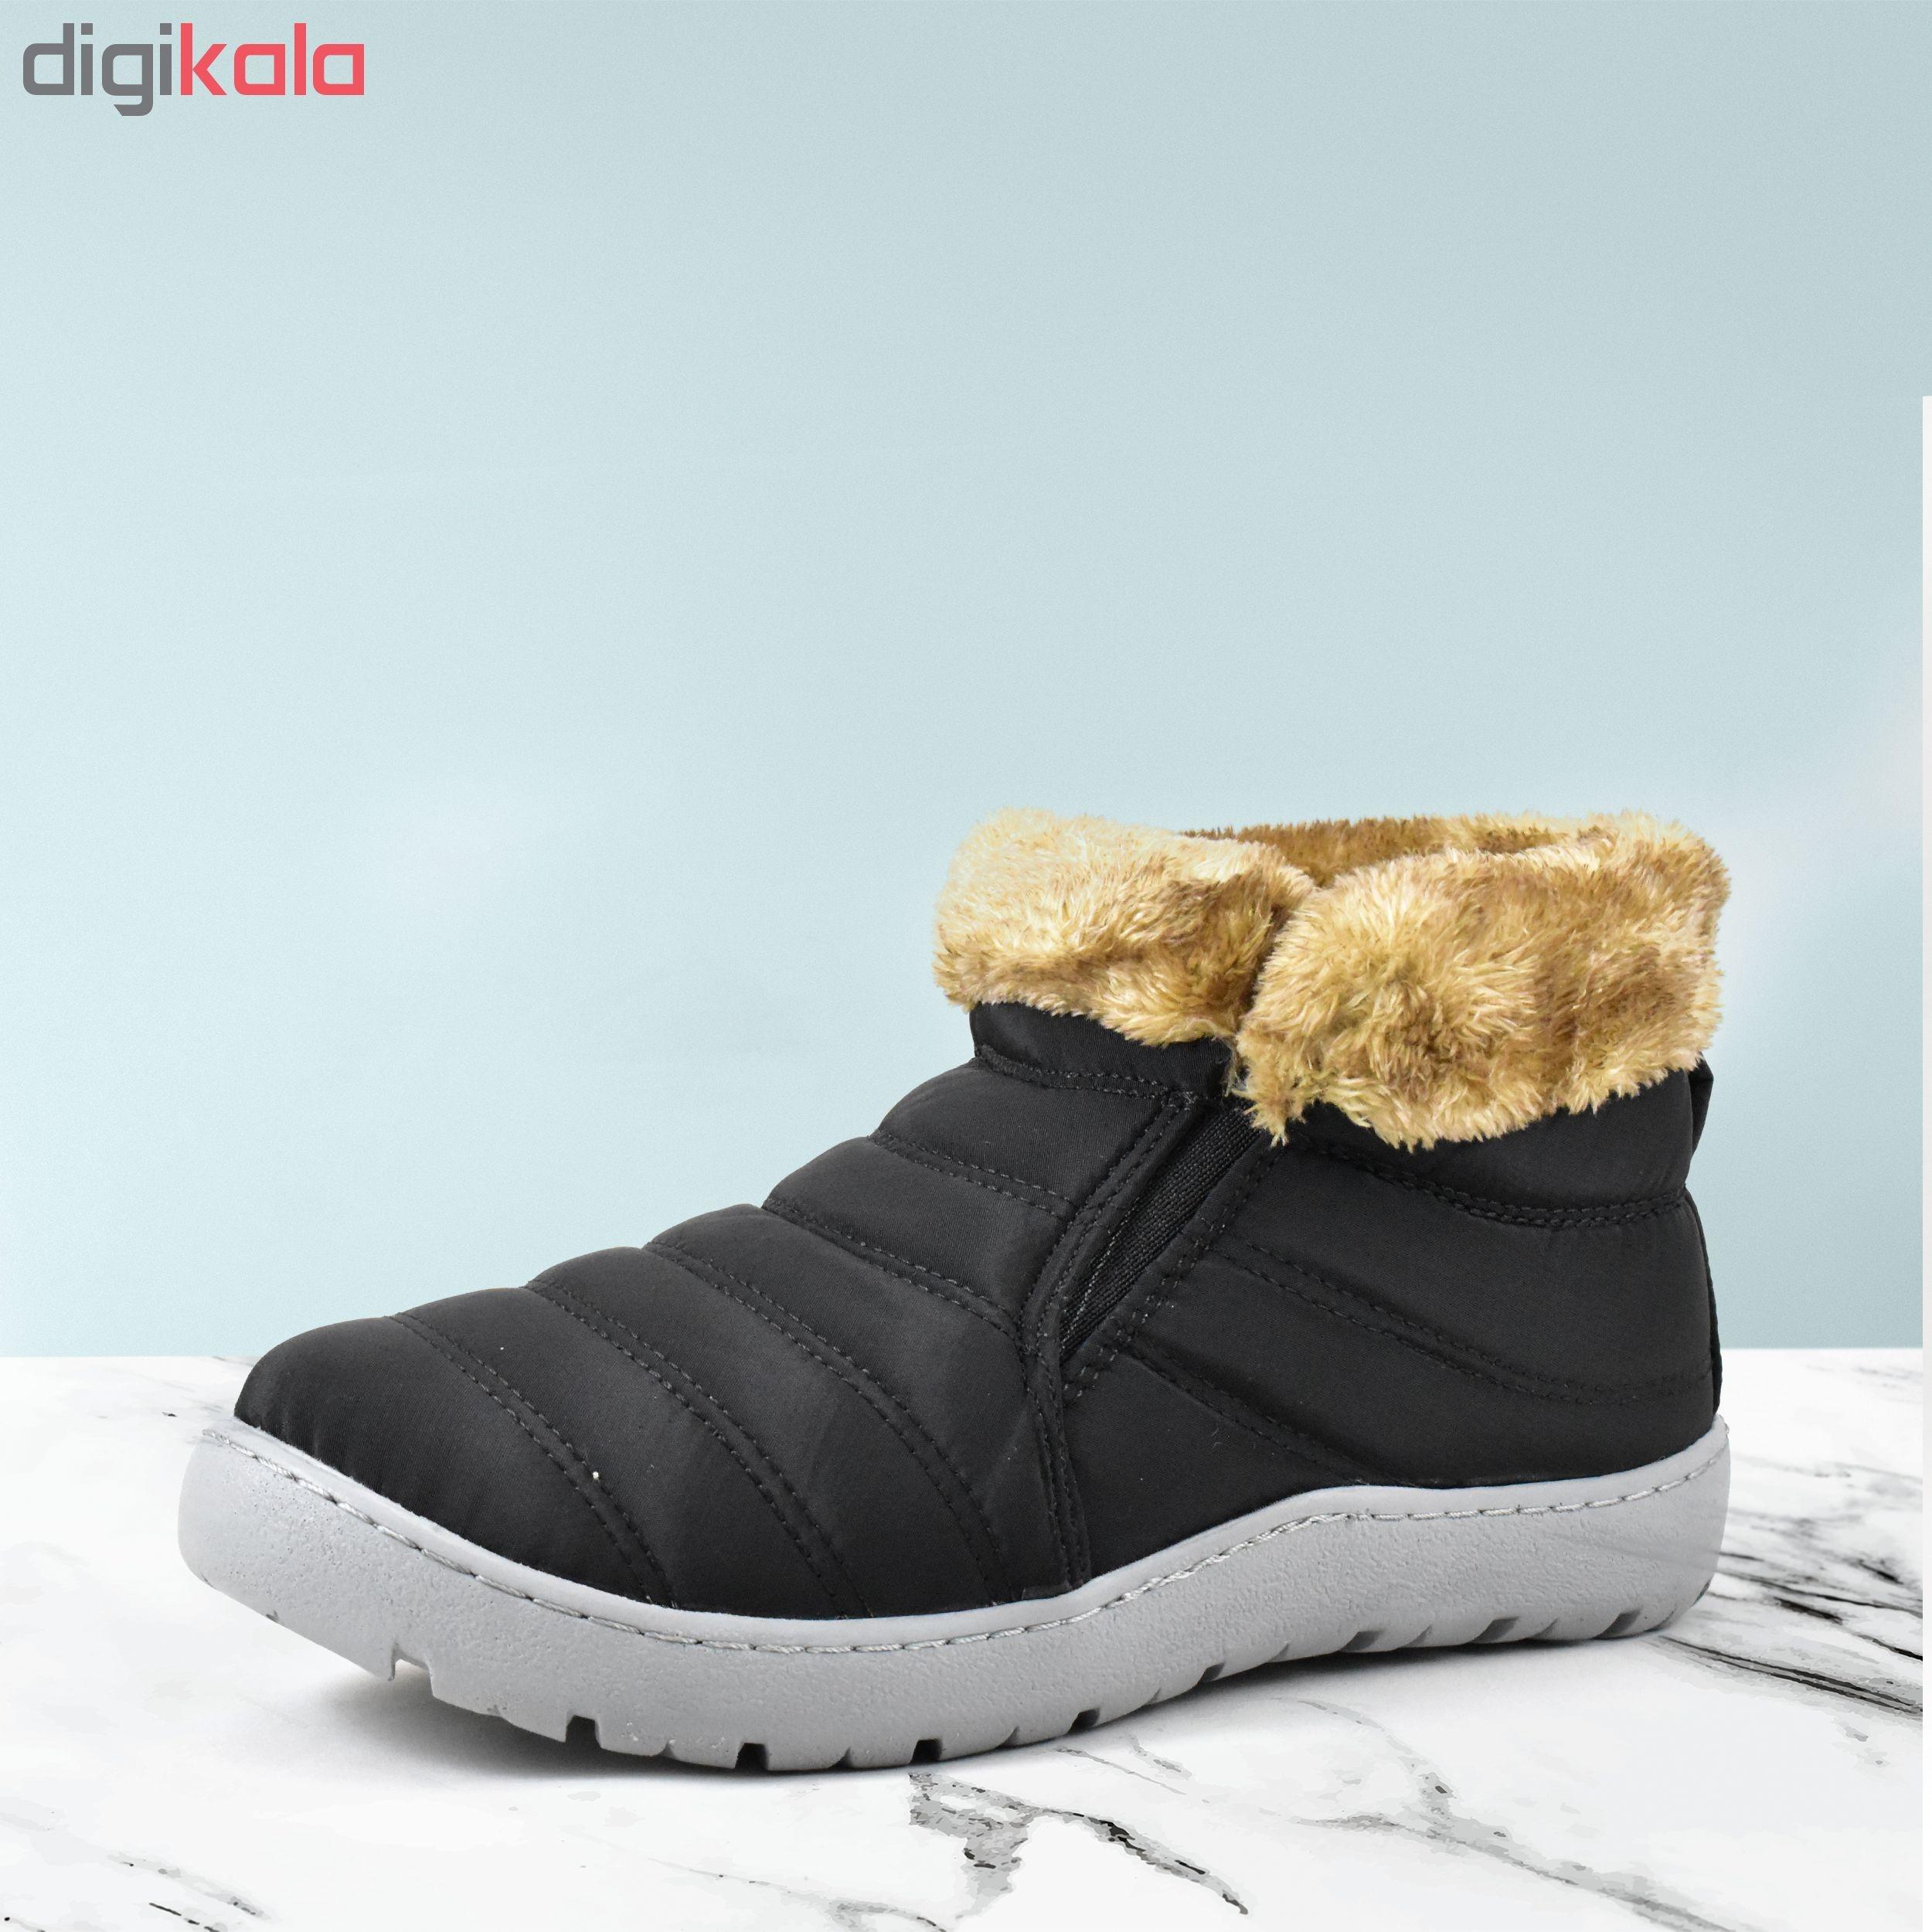 کفش مخصوص پیاده روی زنانه چرم تام کد 4741              خرید